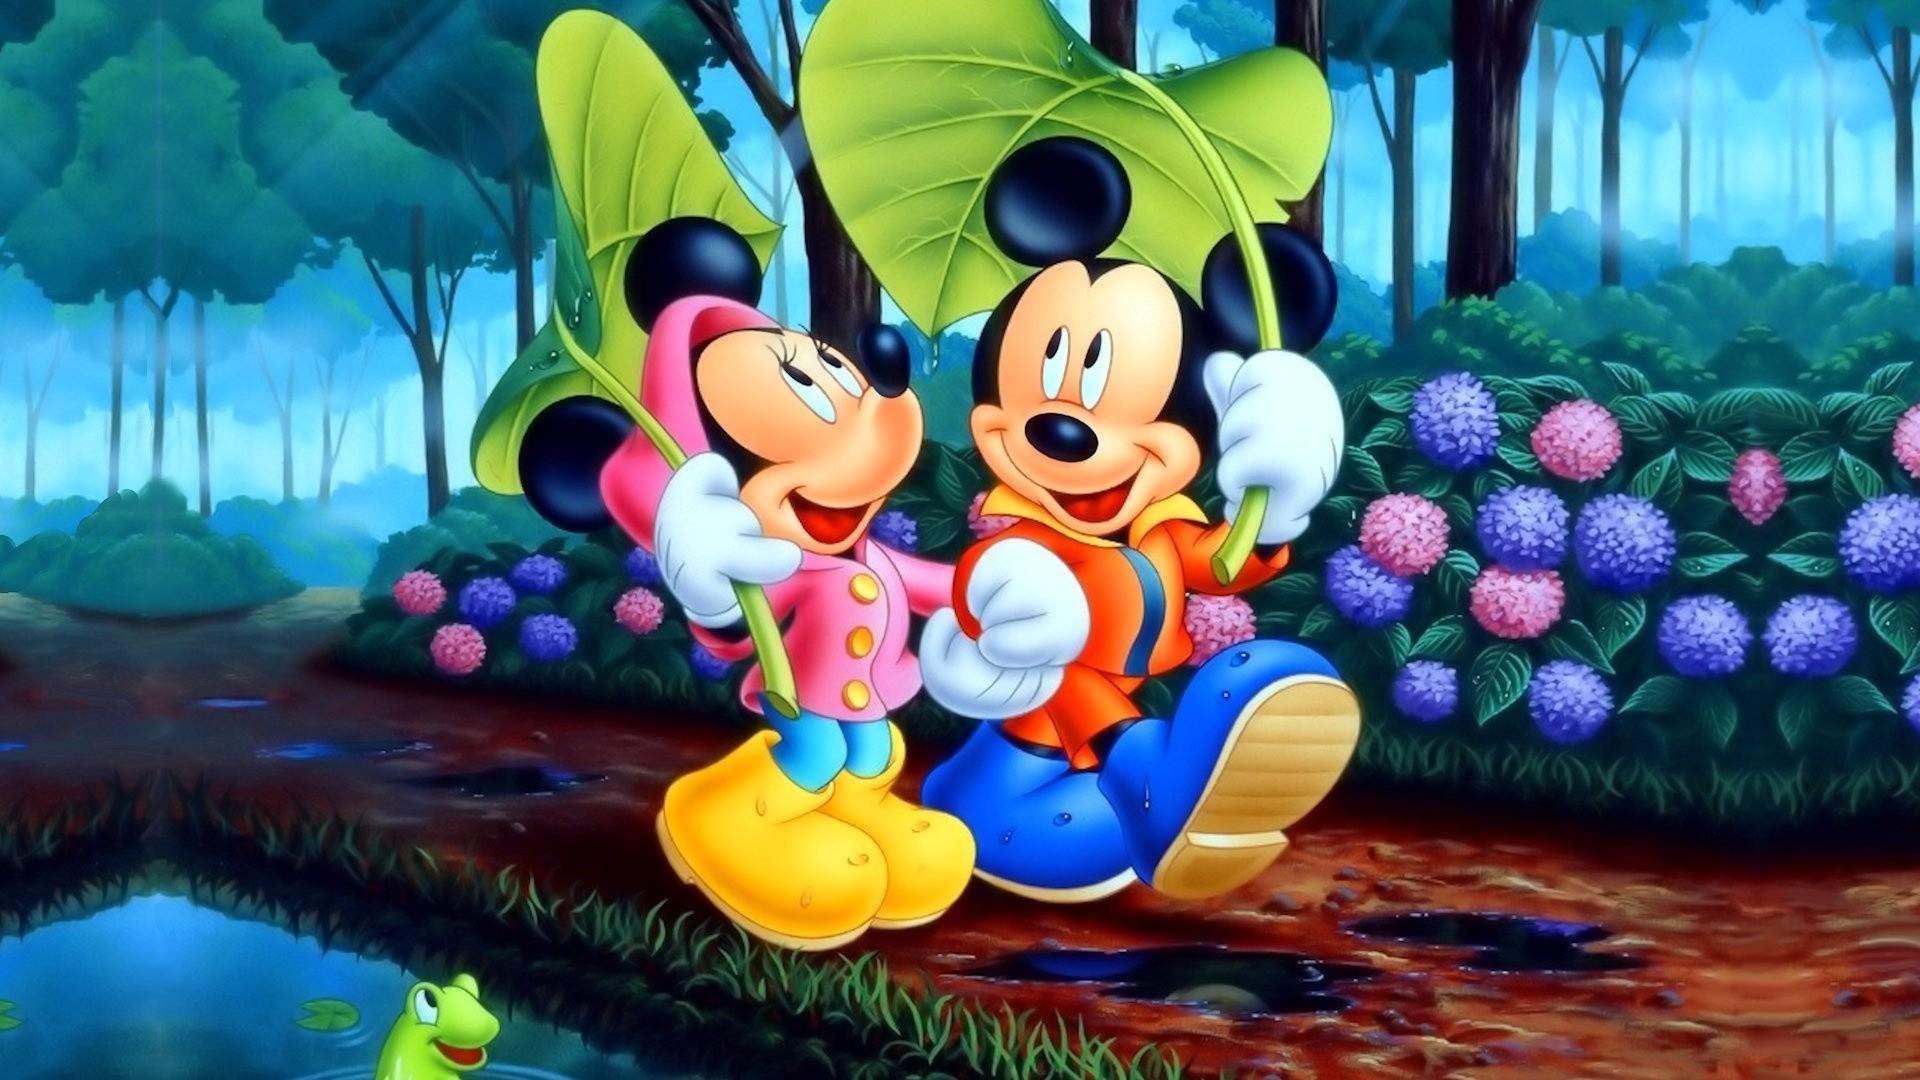 Free best screensavers: Disney screensaver and wallpaper